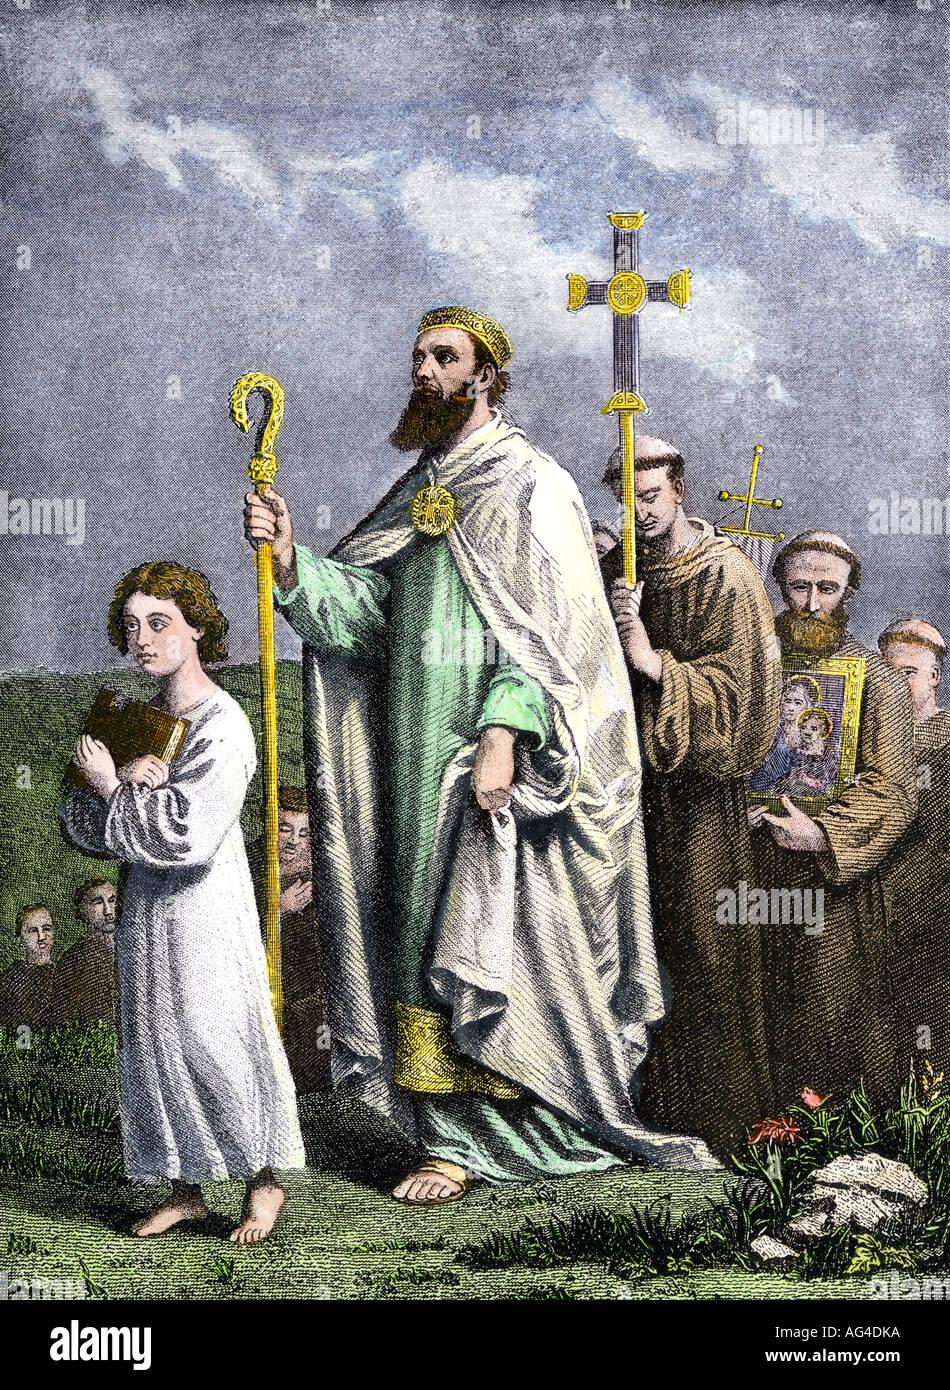 Saint Patrick Reise nach Tara, die Iren zum Christentum zu bekehren, im 5. Jahrhundert n. Chr. Stockbild